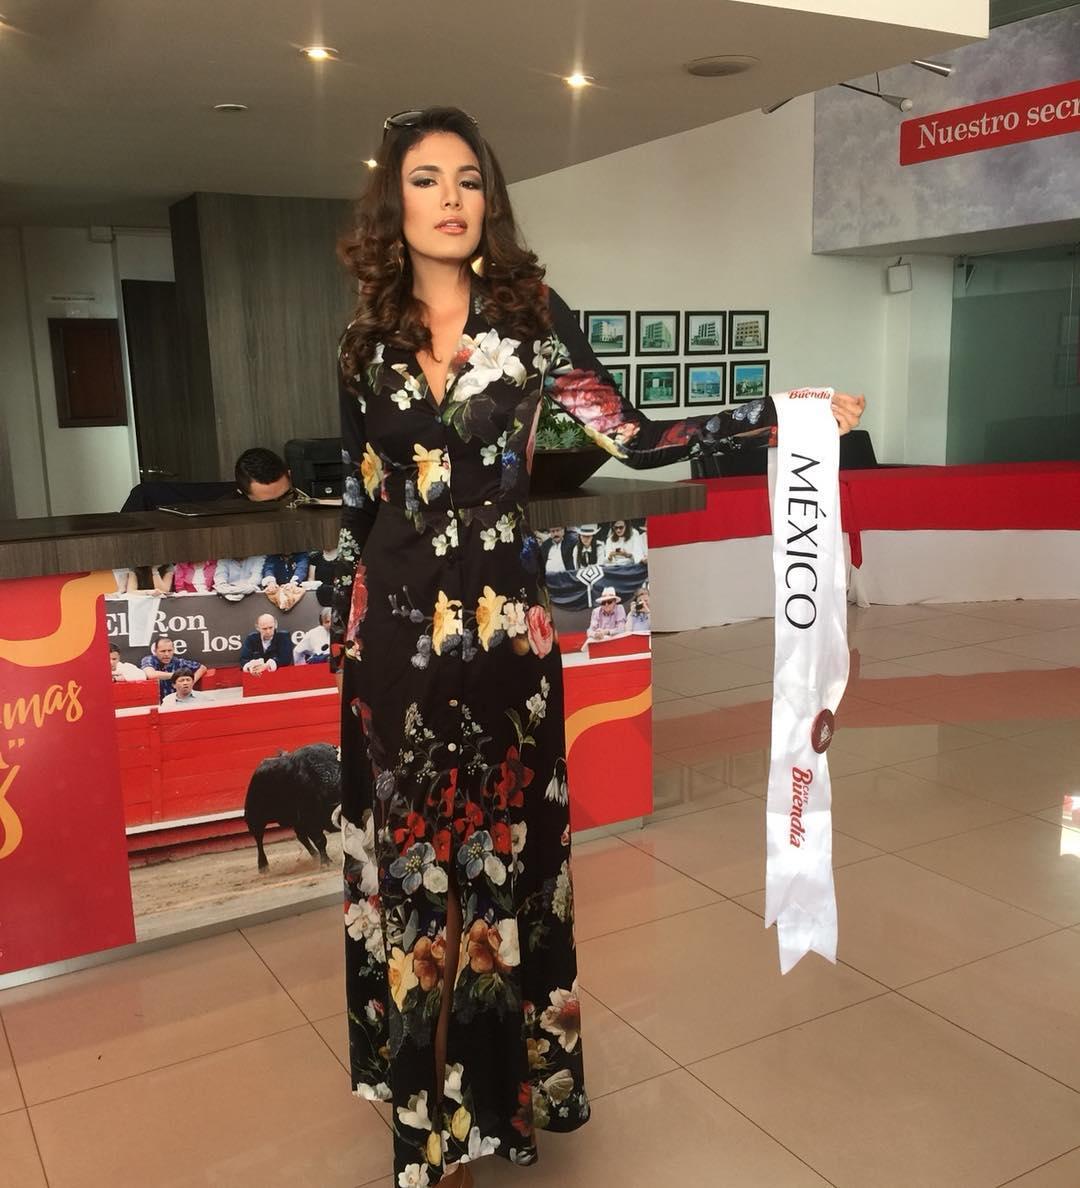 phegda bustillos, miss mexico para reinado inernacional cafe 2018. - Página 3 26067810